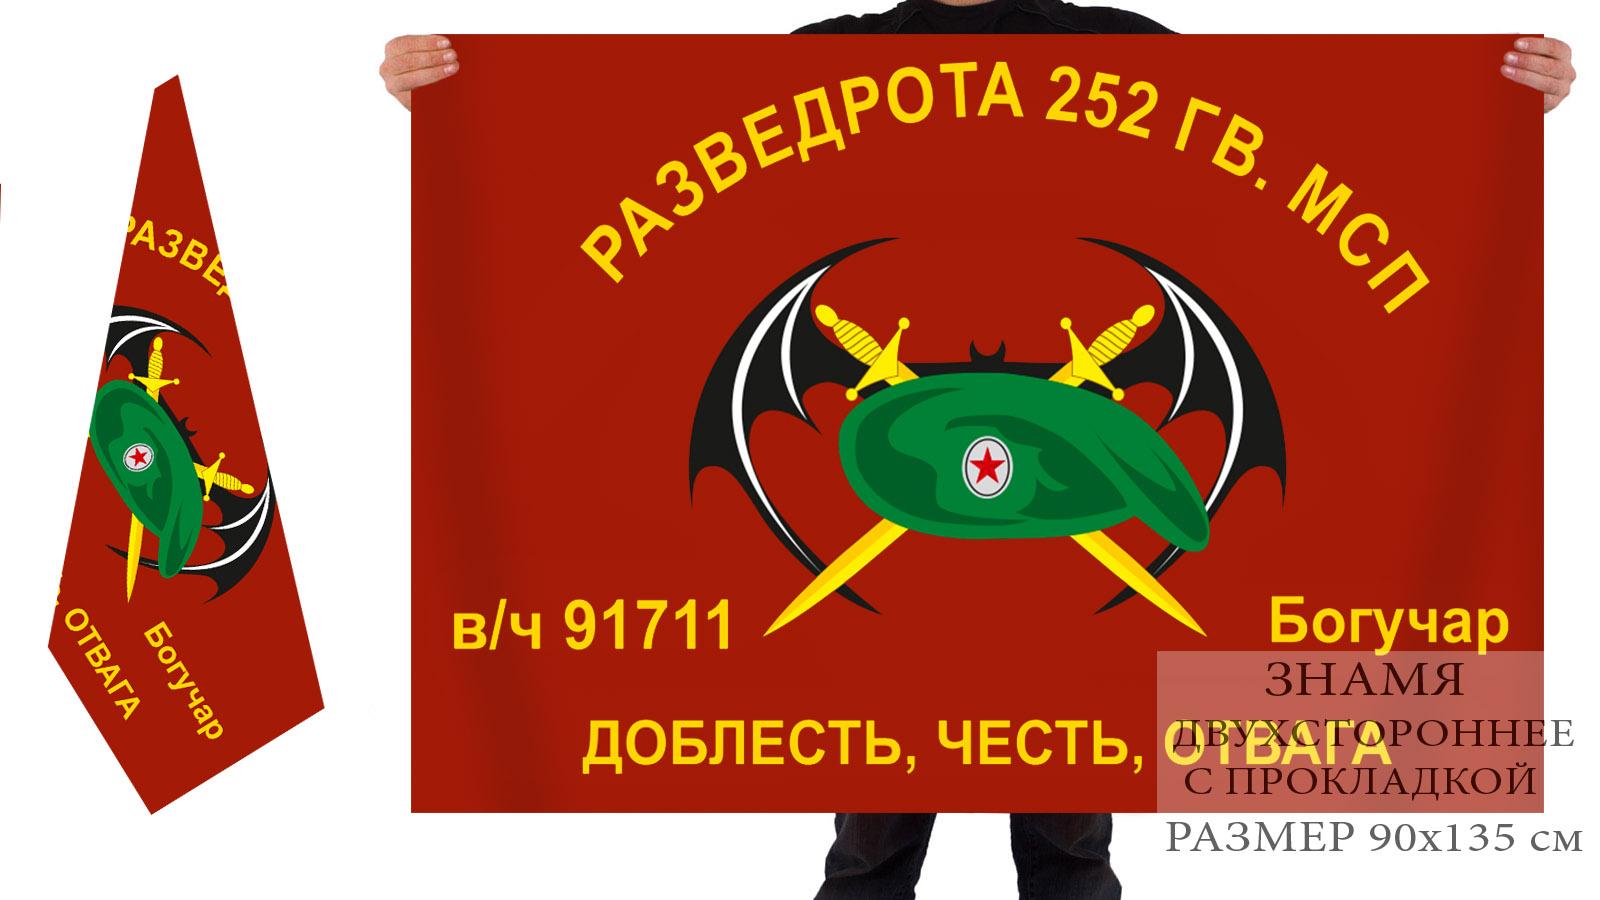 Двусторонний флаг Разведроты 252 Гв. МСП